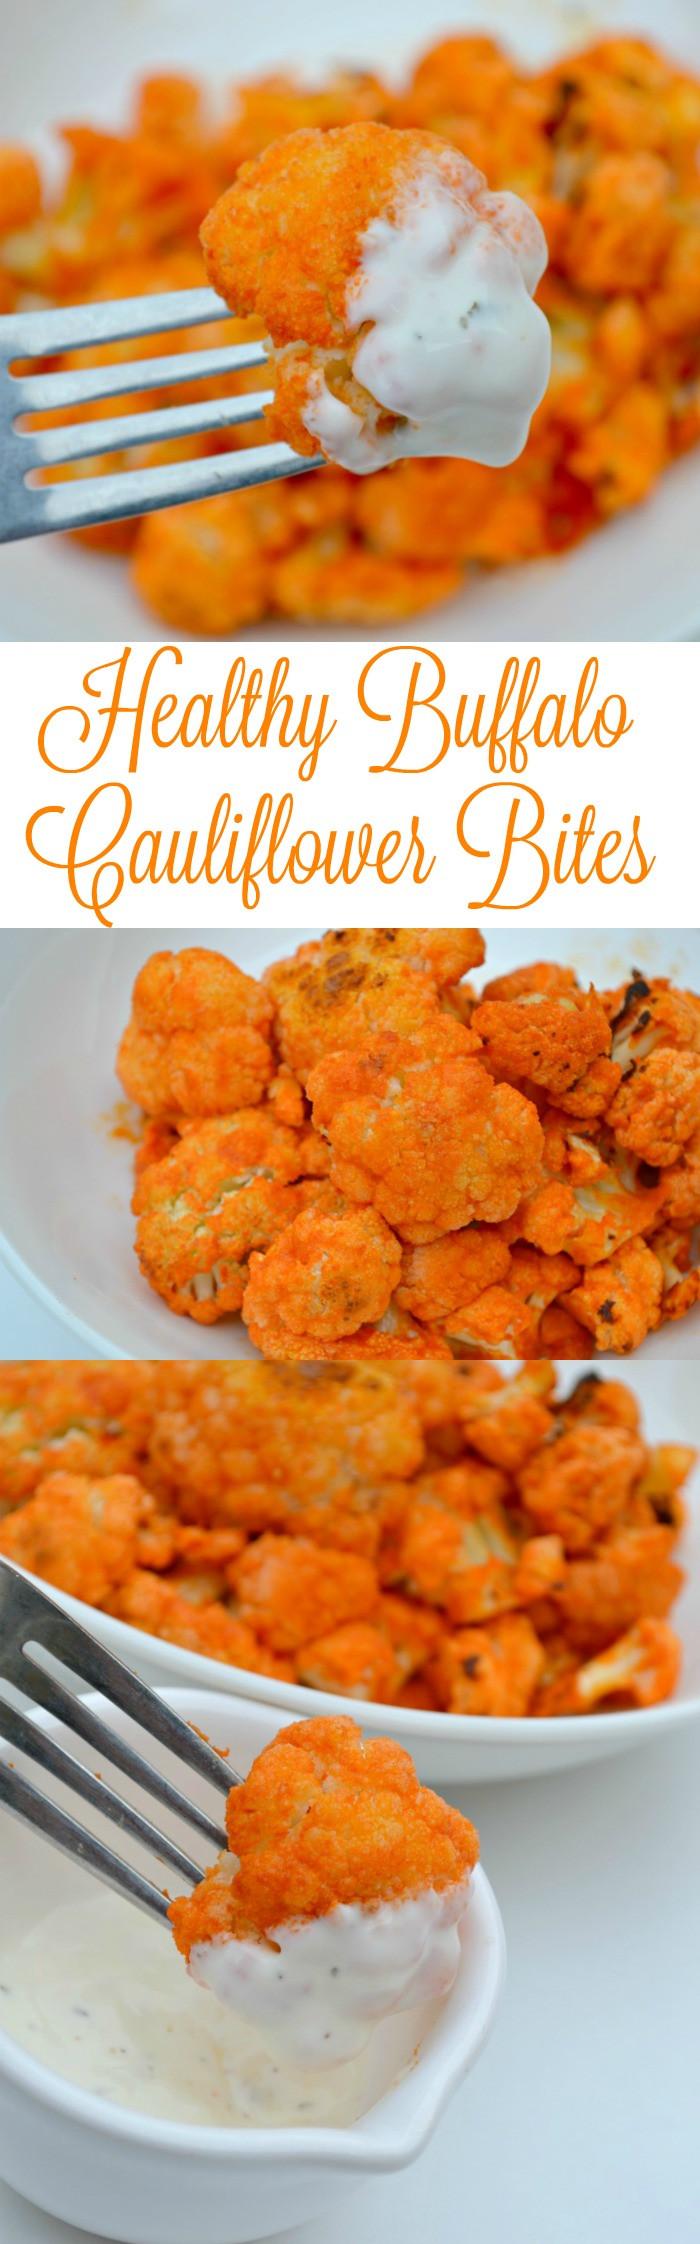 Healthy Buffalo Cauliflower  Healthy Buffalo Cauliflower Bites Recipe – Miss Frugal Mommy